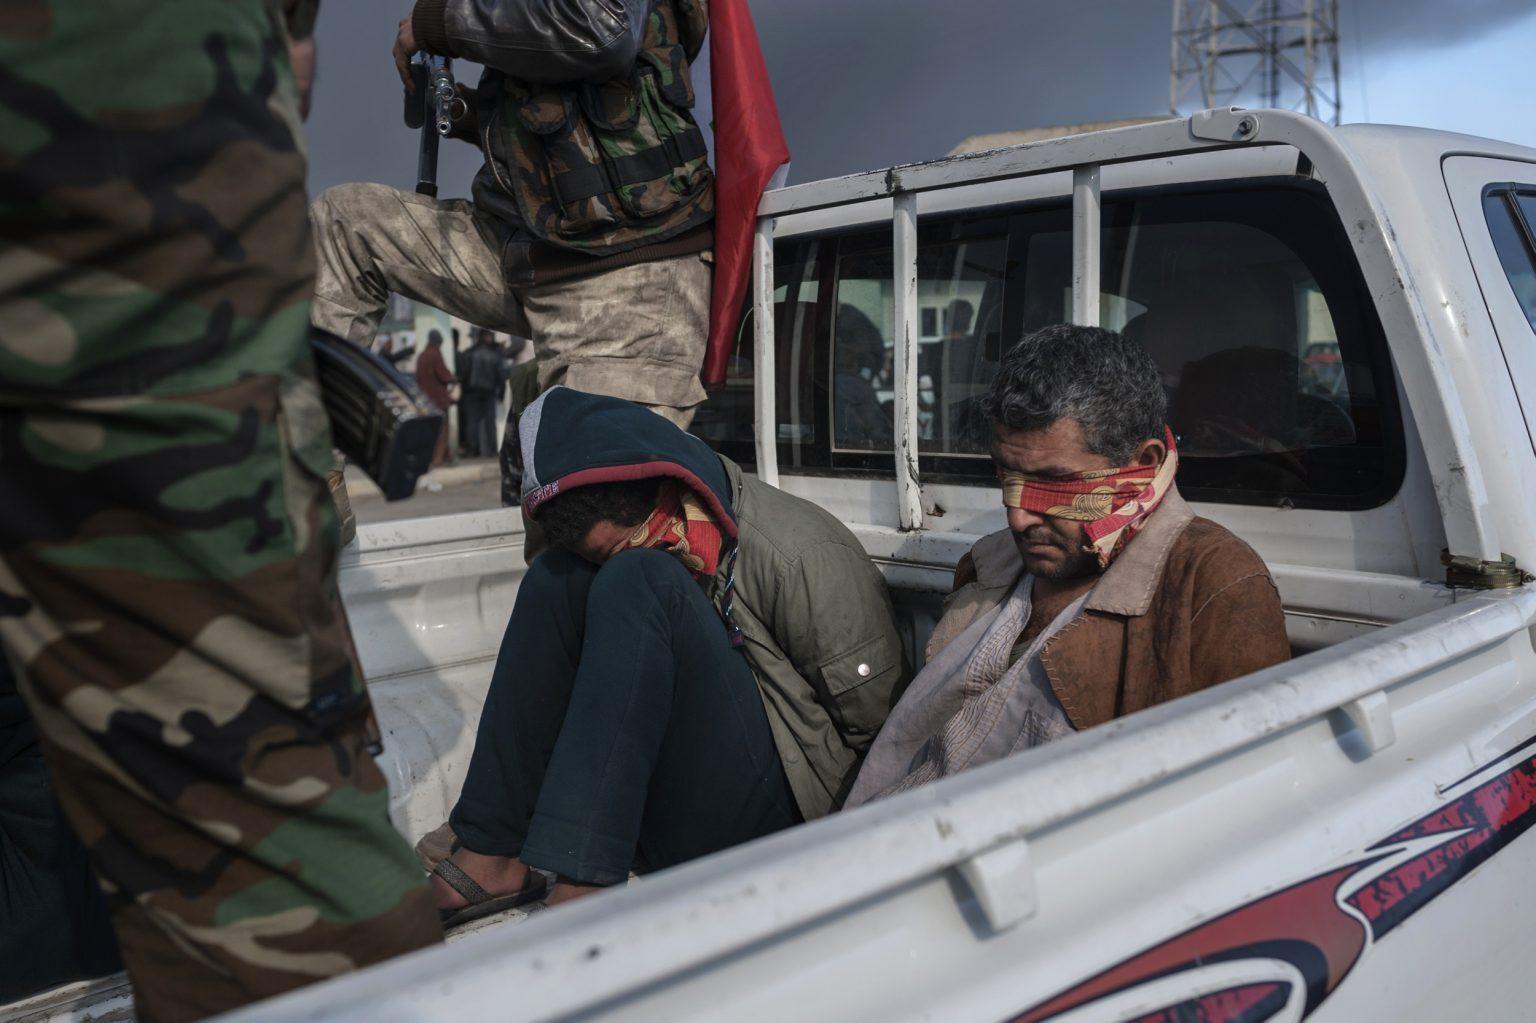 Qayyara, Iraq, November 11th ?2016 - Suspected Islamic State? members, arrested by the Popu?lar Mobilization Units.  —————— Qayyara, Iraq, 11 novembre 2016 - Sospetti membri dello Stato Islamico, arrestati dalle Unità Popolari di Mobilitazione.